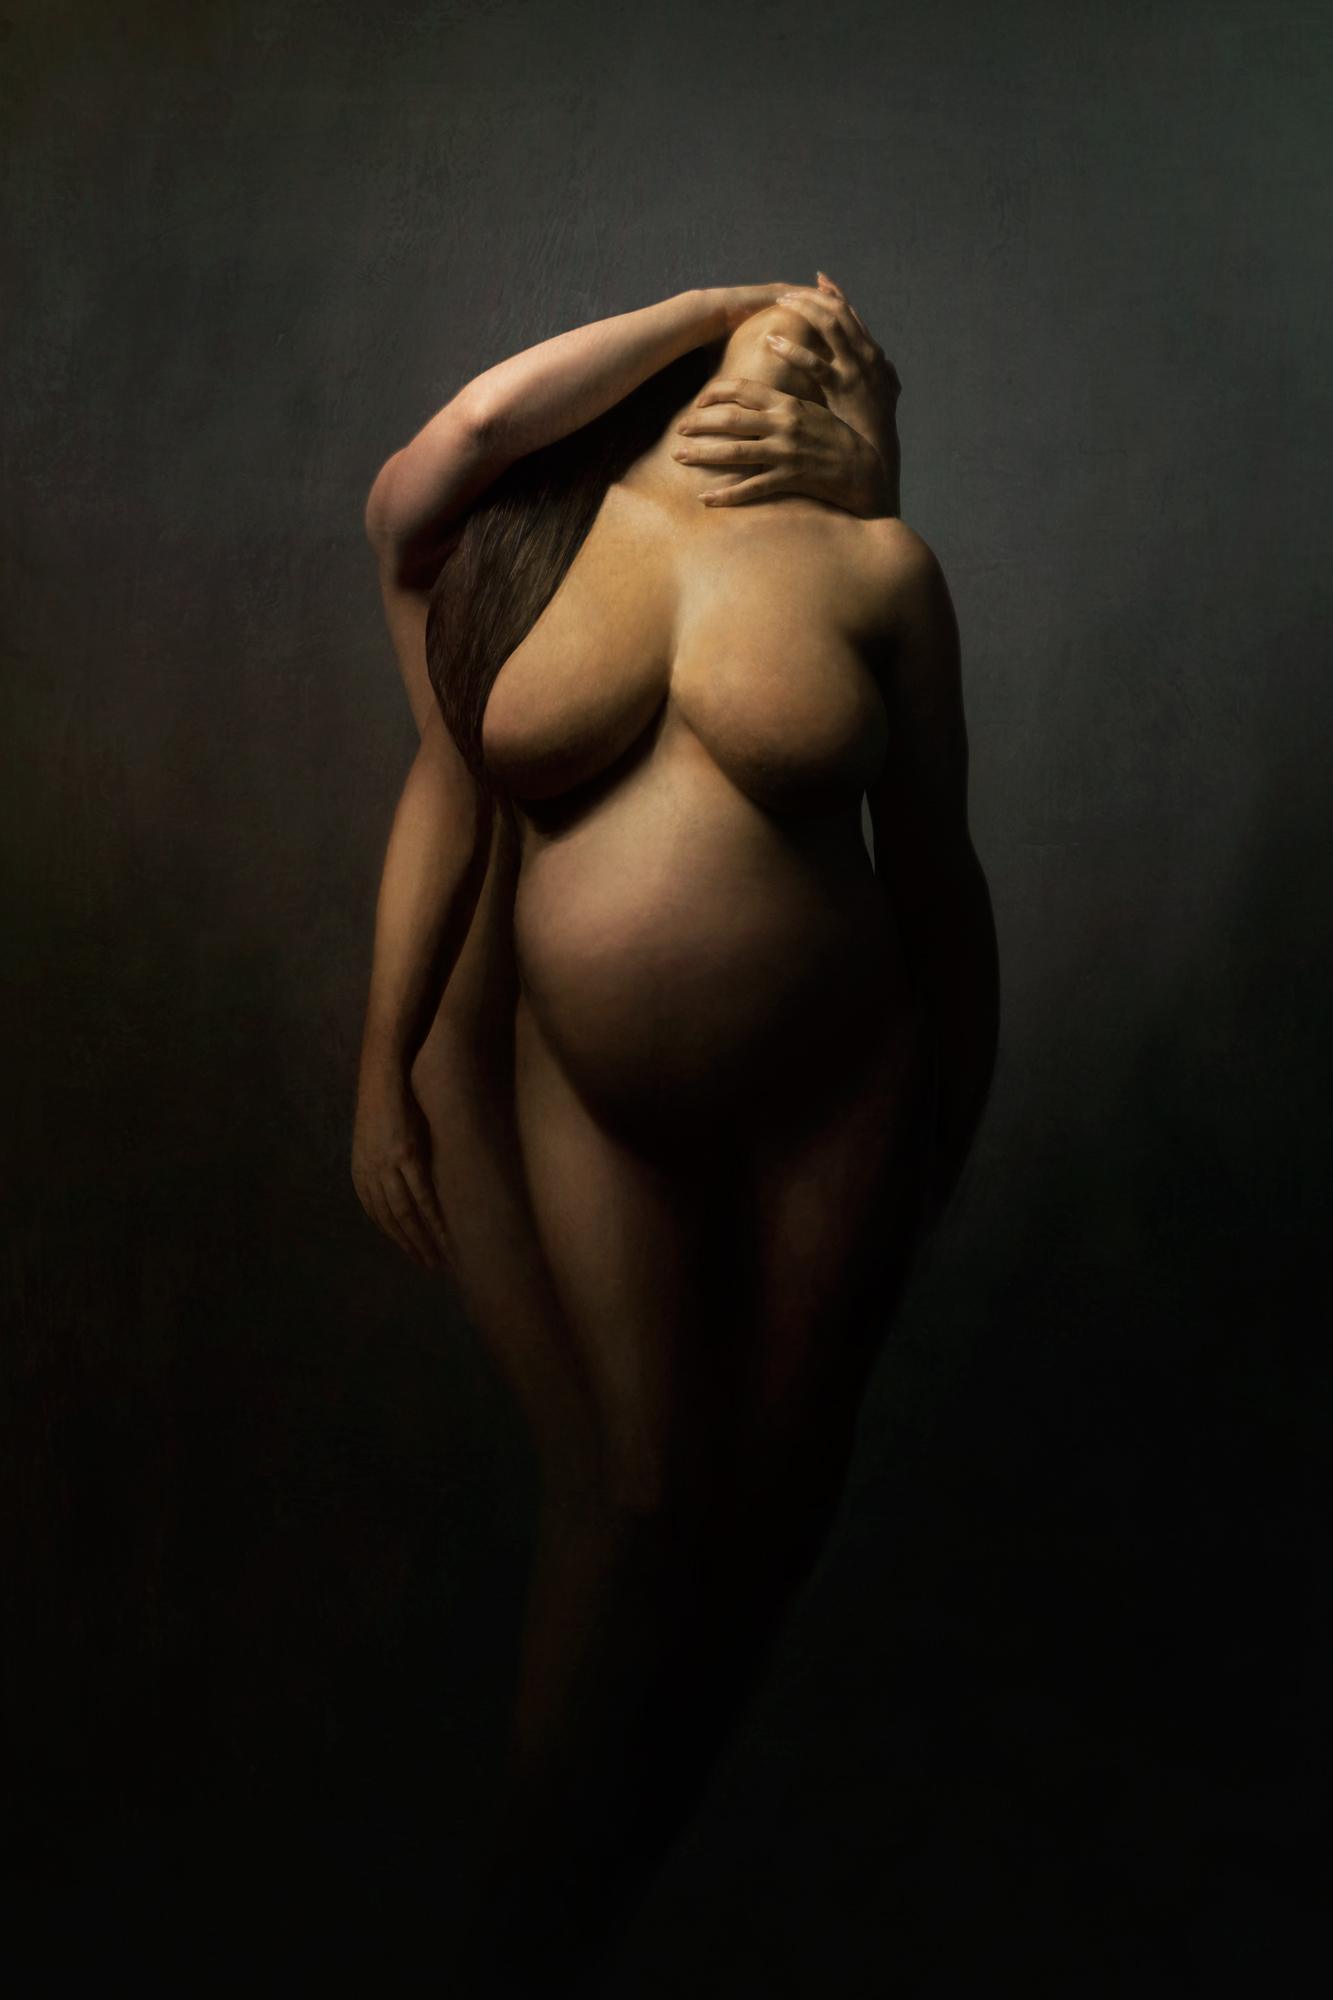 """[ET ON EN OUBLIA LES PHOSPHENES]<br>Photo : <u><a href=""""https://www.instagram.com/aurelie_asphodel/"""">Aurélie Raidron</a></u><br>Models : Alexandra A. & Aurélie Raidron<br><u><a href=""""http://www.nihil.fr/product/et-on-en-oublia-les-phosphenes/"""">Order a print</a></u>"""